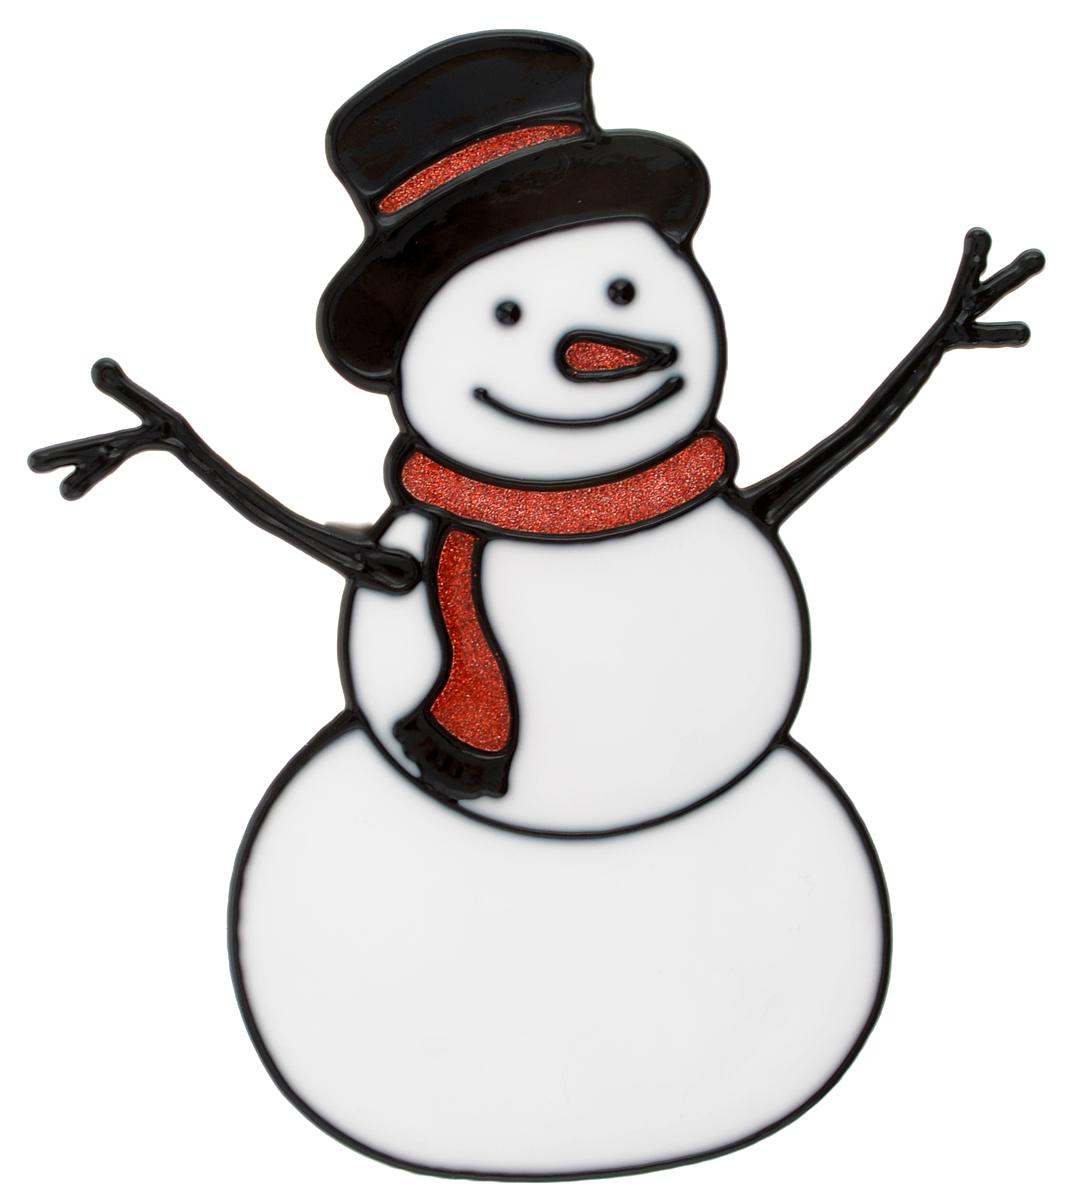 Наклейка на окно Erich Krause Снеговичок, 14,5 х 16 см38179Наклейка на окно Erich Krause Снеговичок выполнена в виде снеговика с красным шарфиком.С помощью больших витражных наклеек на окно Erich Krause можно составлять на стекле целые зимние сюжеты, которые будут радовать глаз, и поднимать настроение в праздничные дни! Так же Вы можете преподнести этот сувенир в качестве мини-презента коллегам, близким и друзьям с пожеланиями счастливого Нового Года!Размер наклейки: 14,5 х 16 см